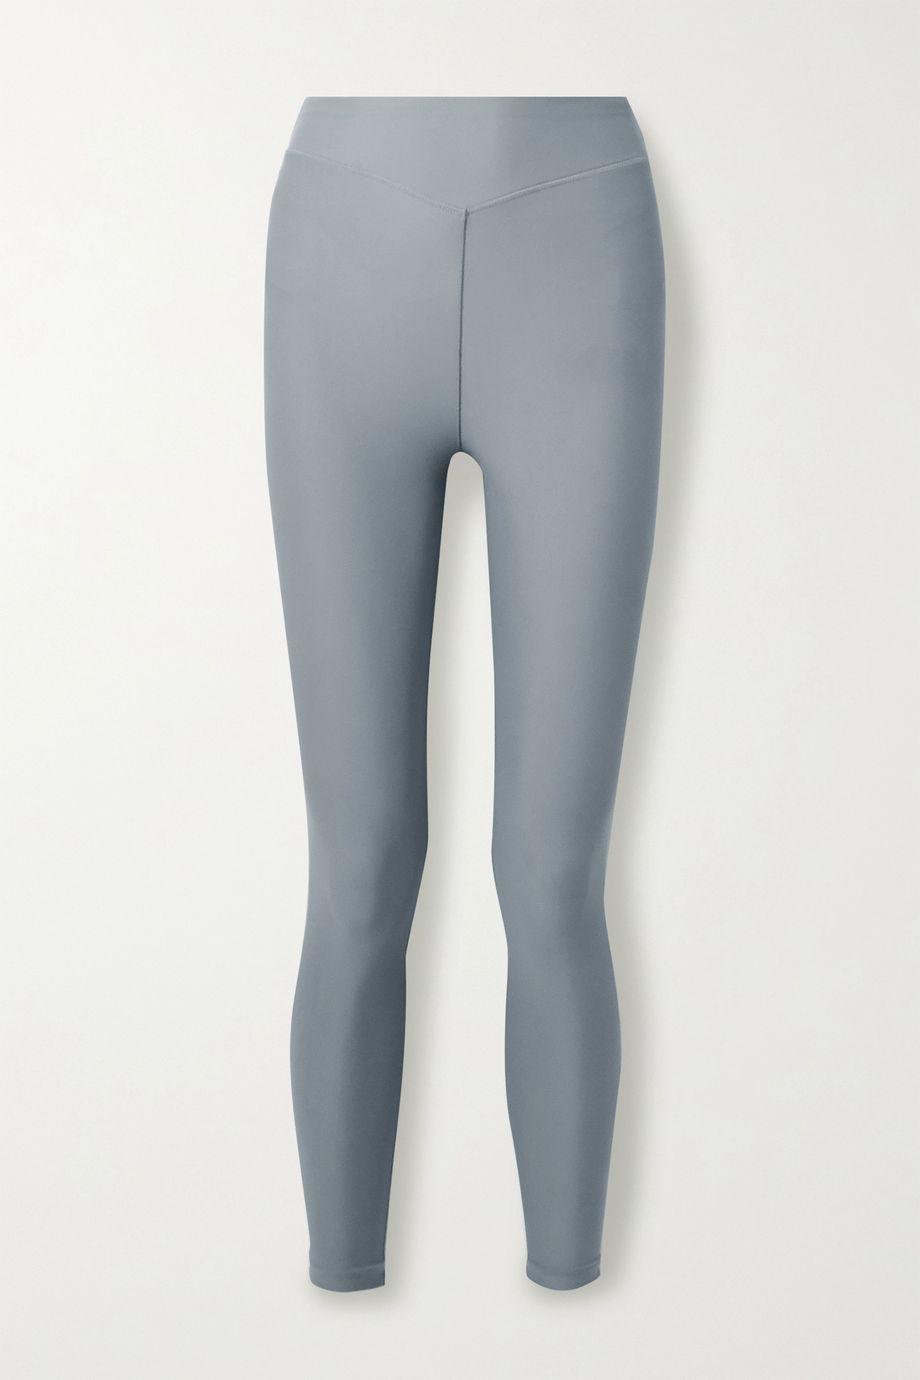 Adam Selman Sport Plunge striped stretch leggings